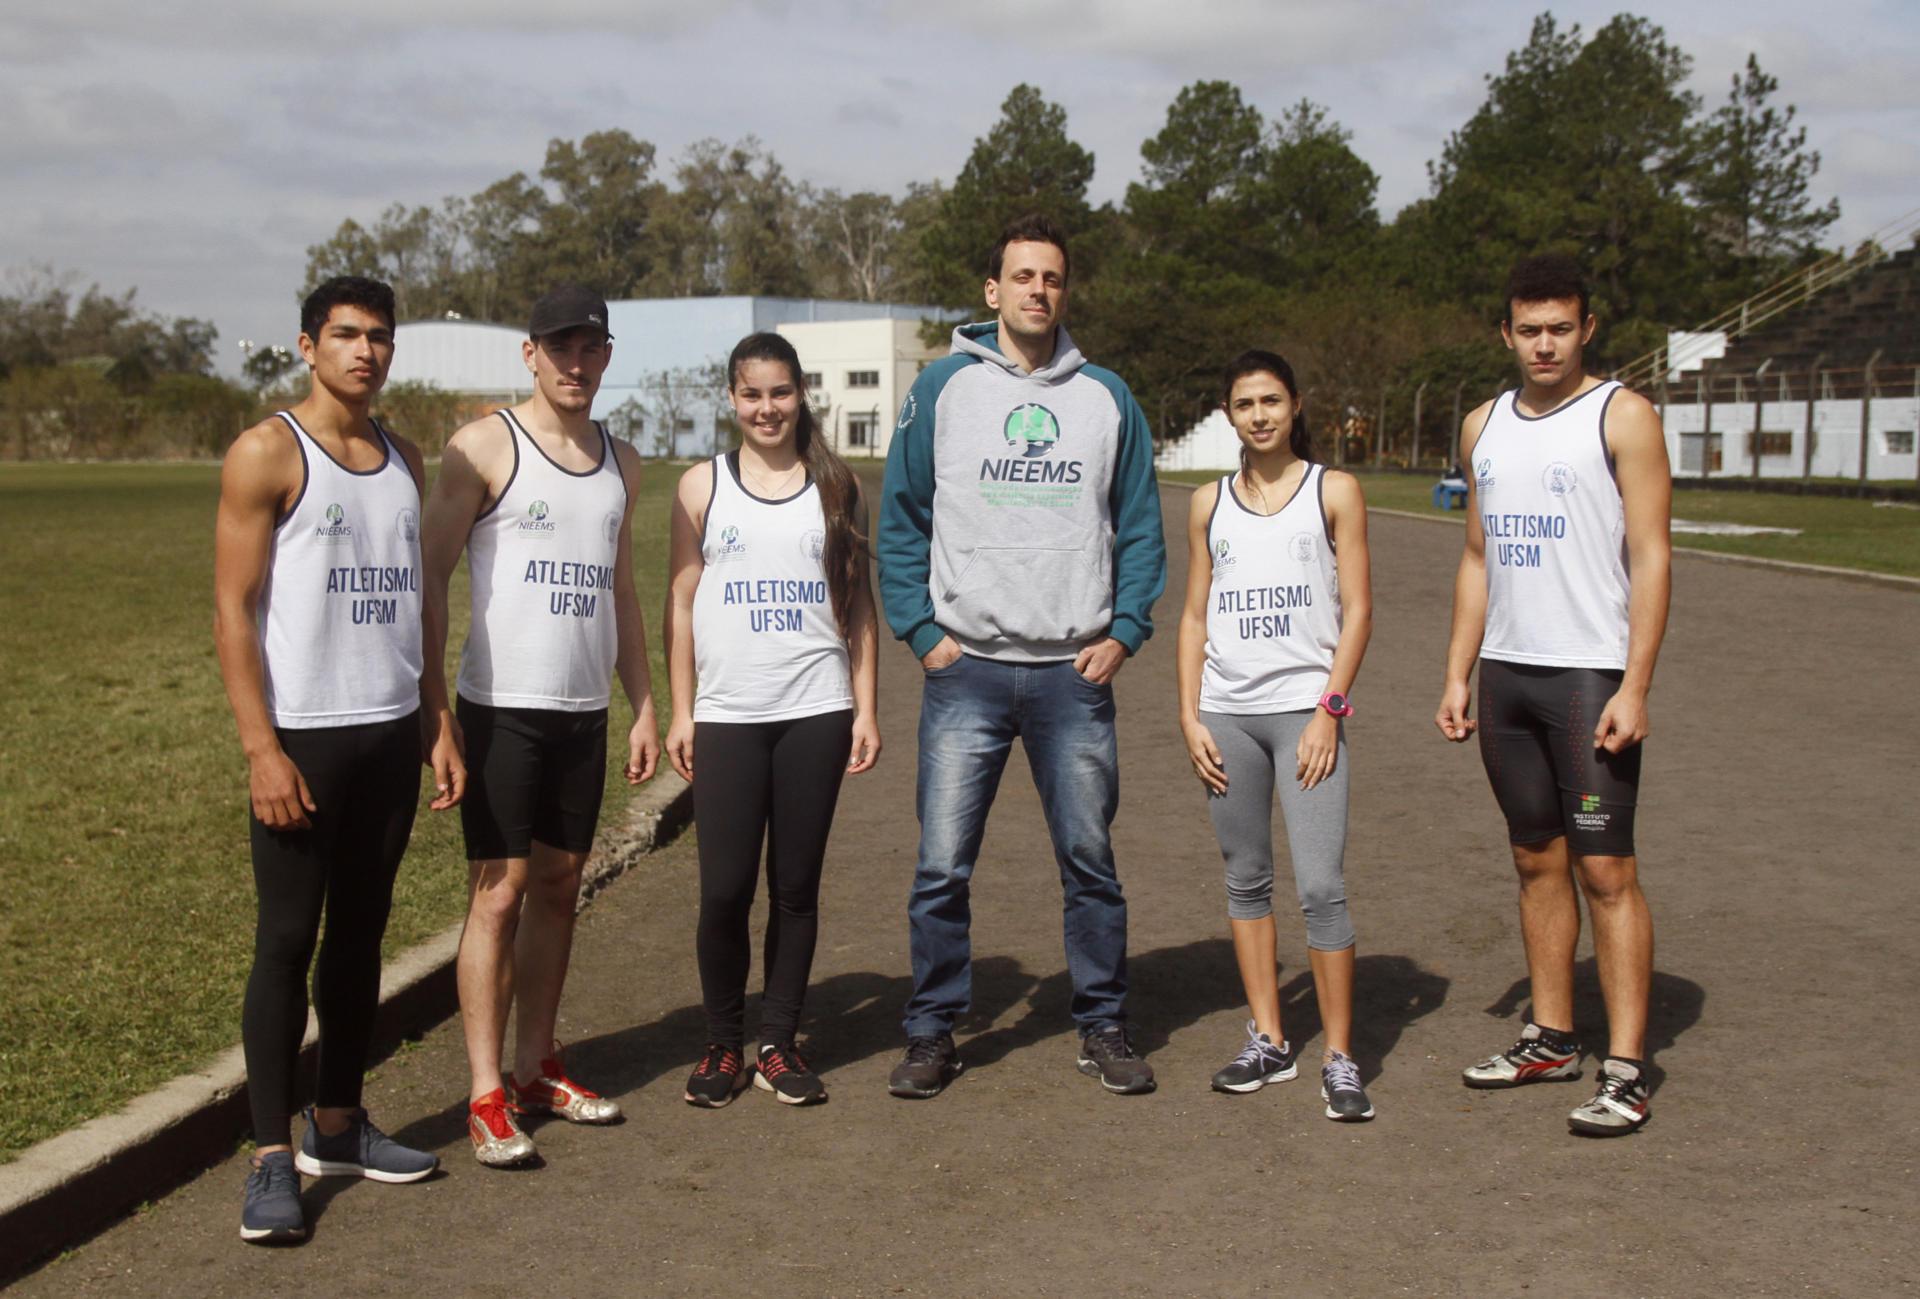 Foto colorida horizontal mostra cinco alunos de uniforme (regata branca) e o professor na pista de atletismo posando de frente para a foto